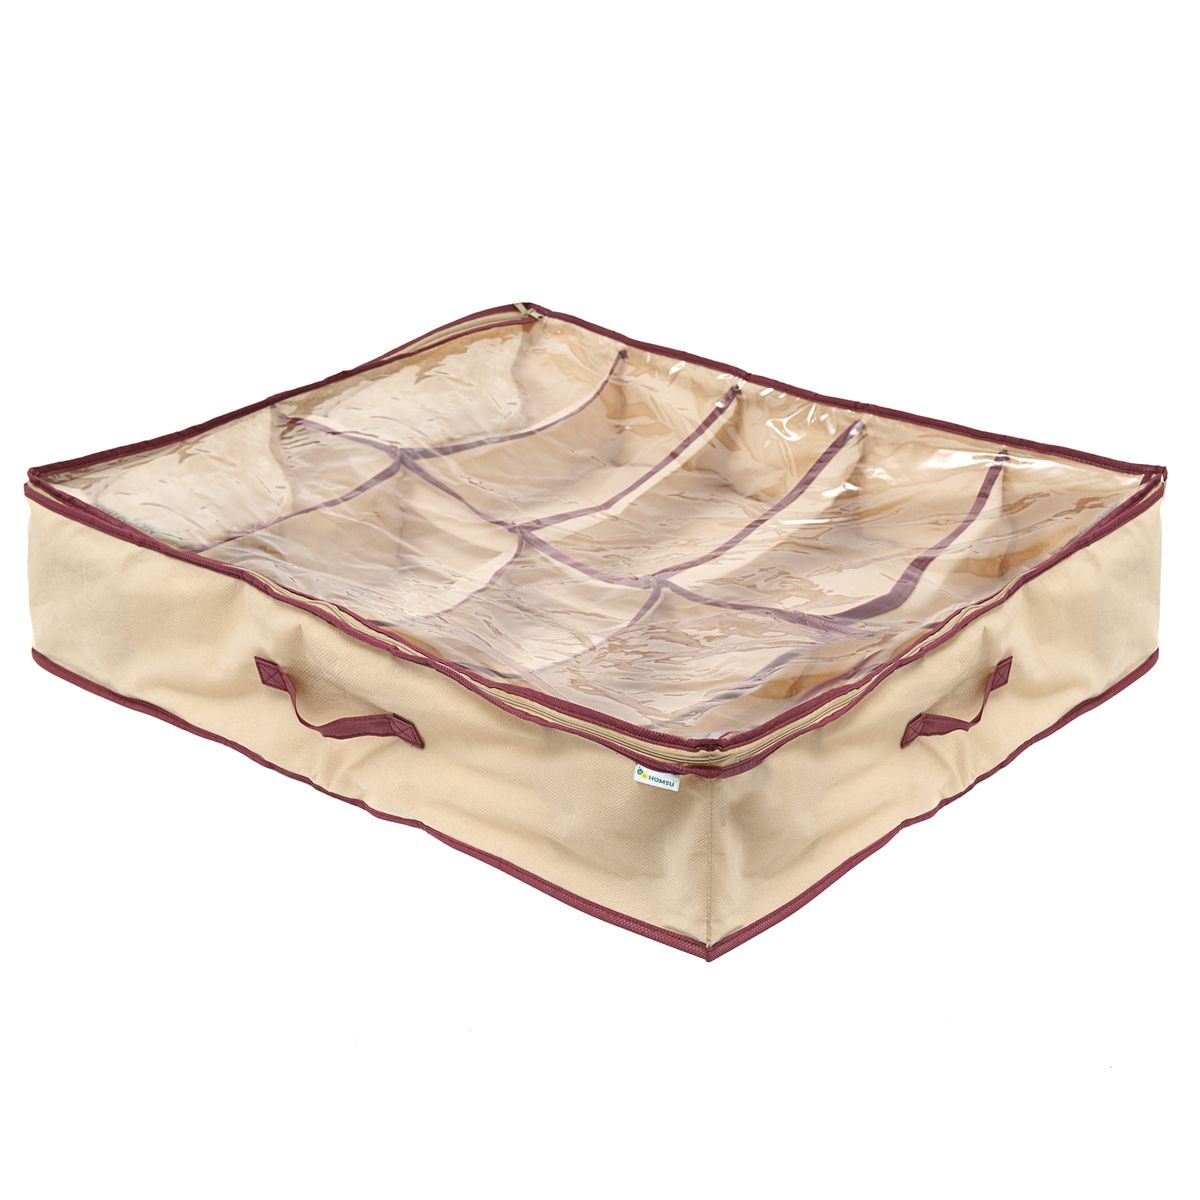 Органайзер для обуви Homsu Comfort, цвет: бежевый, 66 x 63 x 11 смRG-D31SОчень удобный способ хранить сезонную обувь. Десять отделений вмещают 10 пар обуви. Органайзер плоский, удобно хранить под кроватью или диваном. Размер изделия:66x63x11см